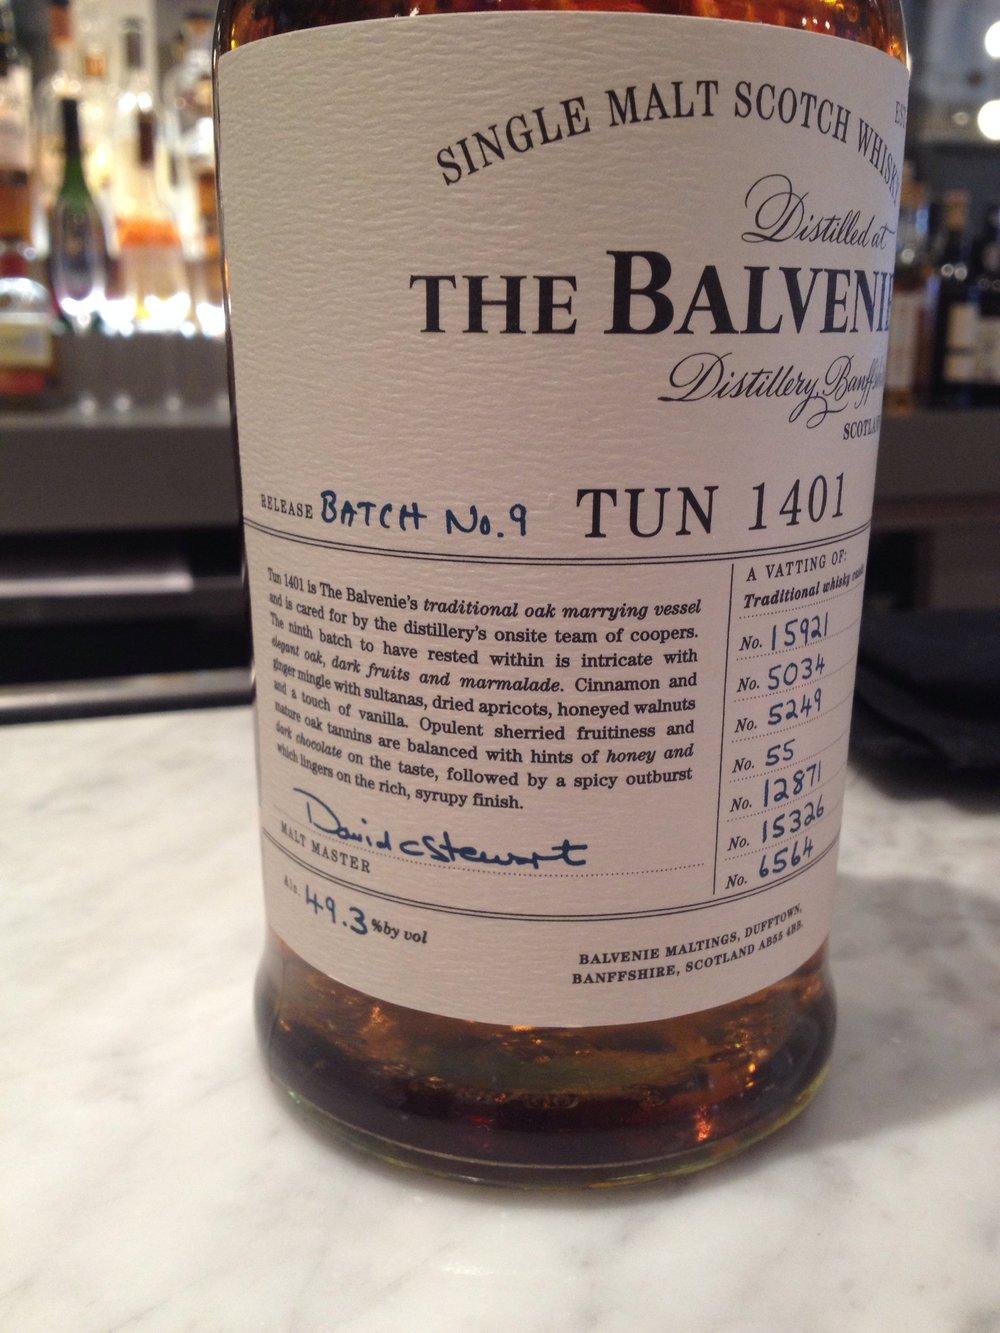 NAS   49.3% ABV - Distillery   Balvenie